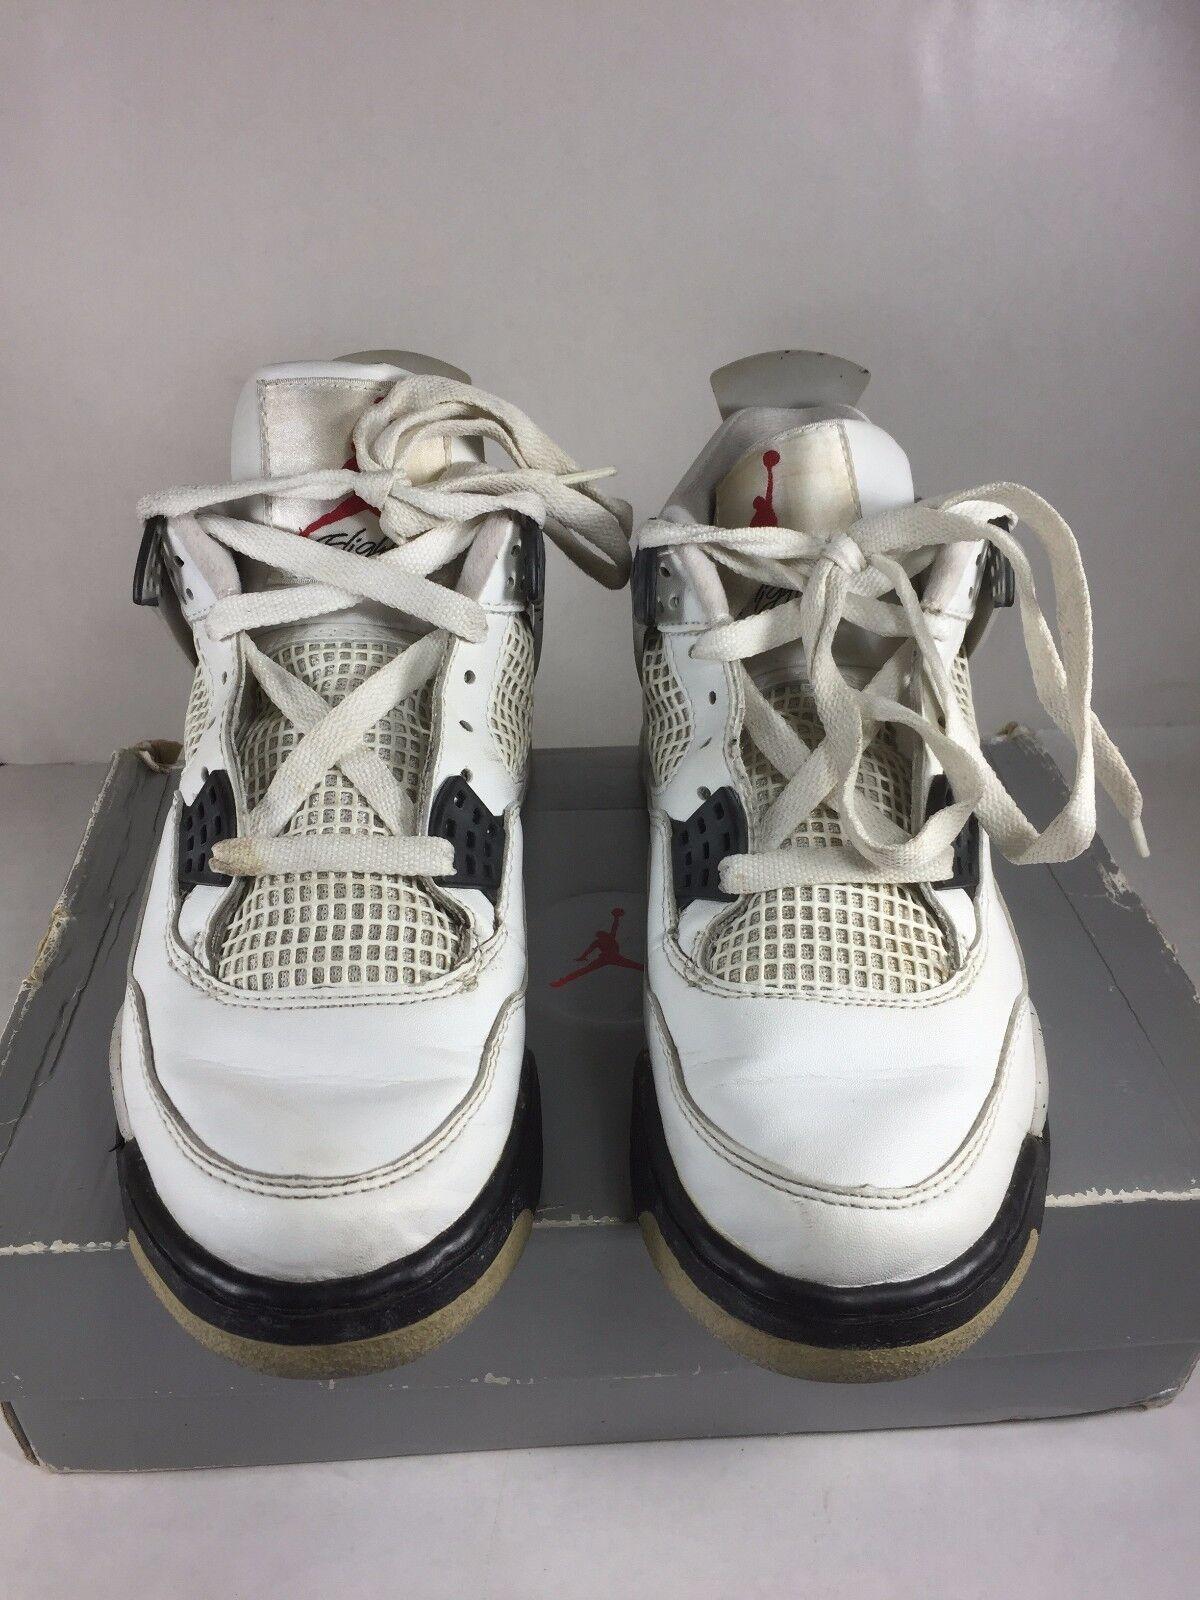 1999 Nike Air Jordan 4 Retro